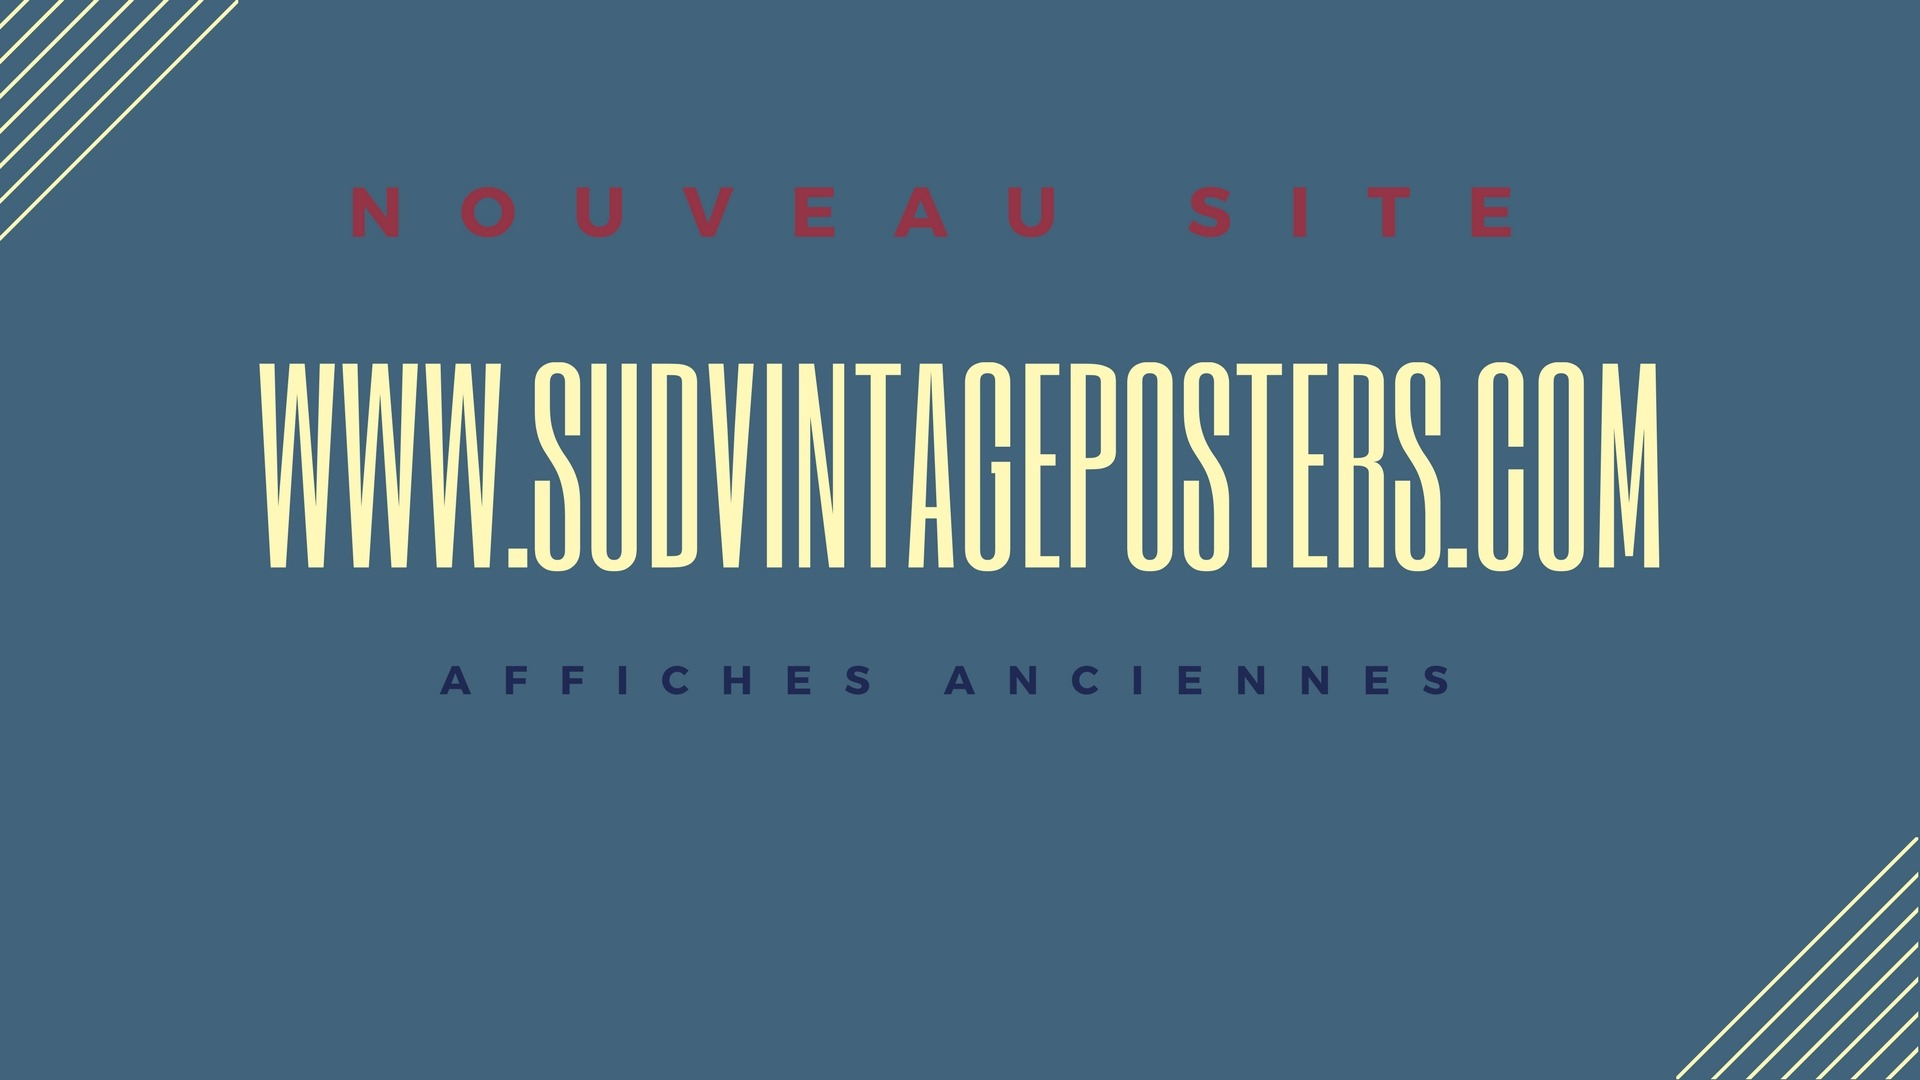 sud vintage posters